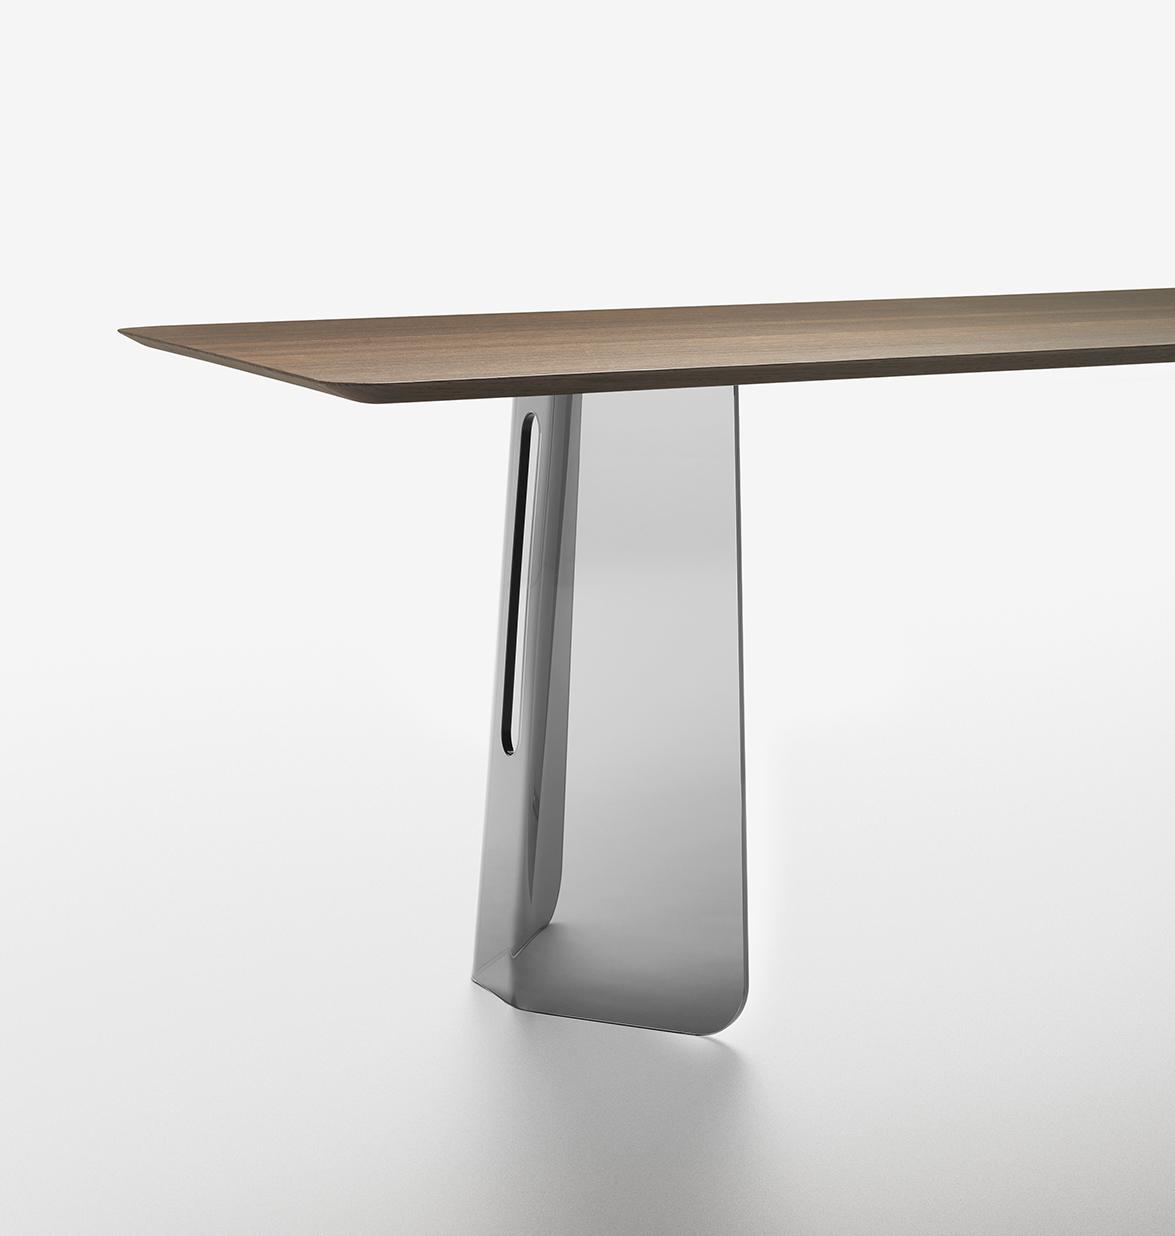 14_plie-table-studio-klass-fiam-2016